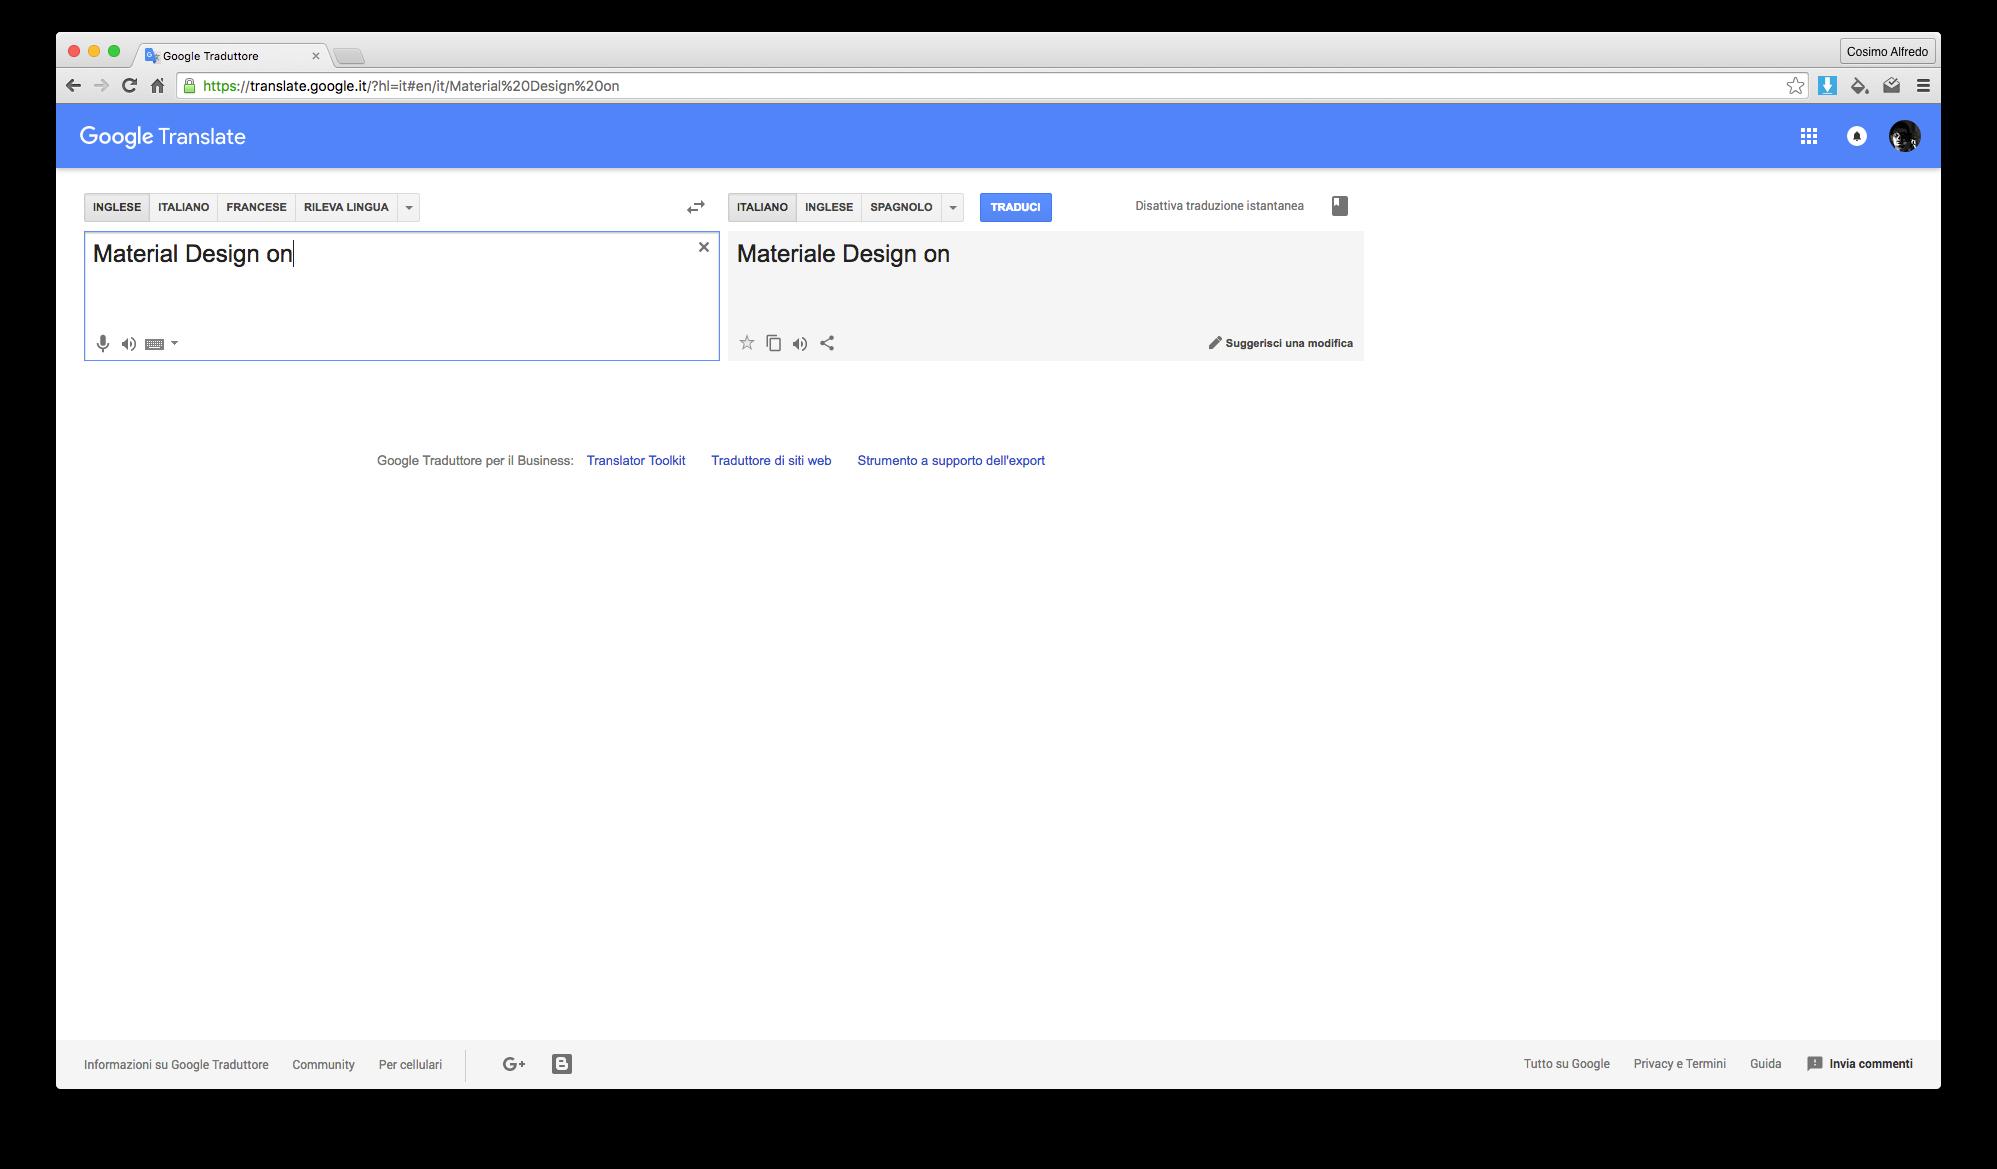 Ink for Google material design siti google estensione chrome_2